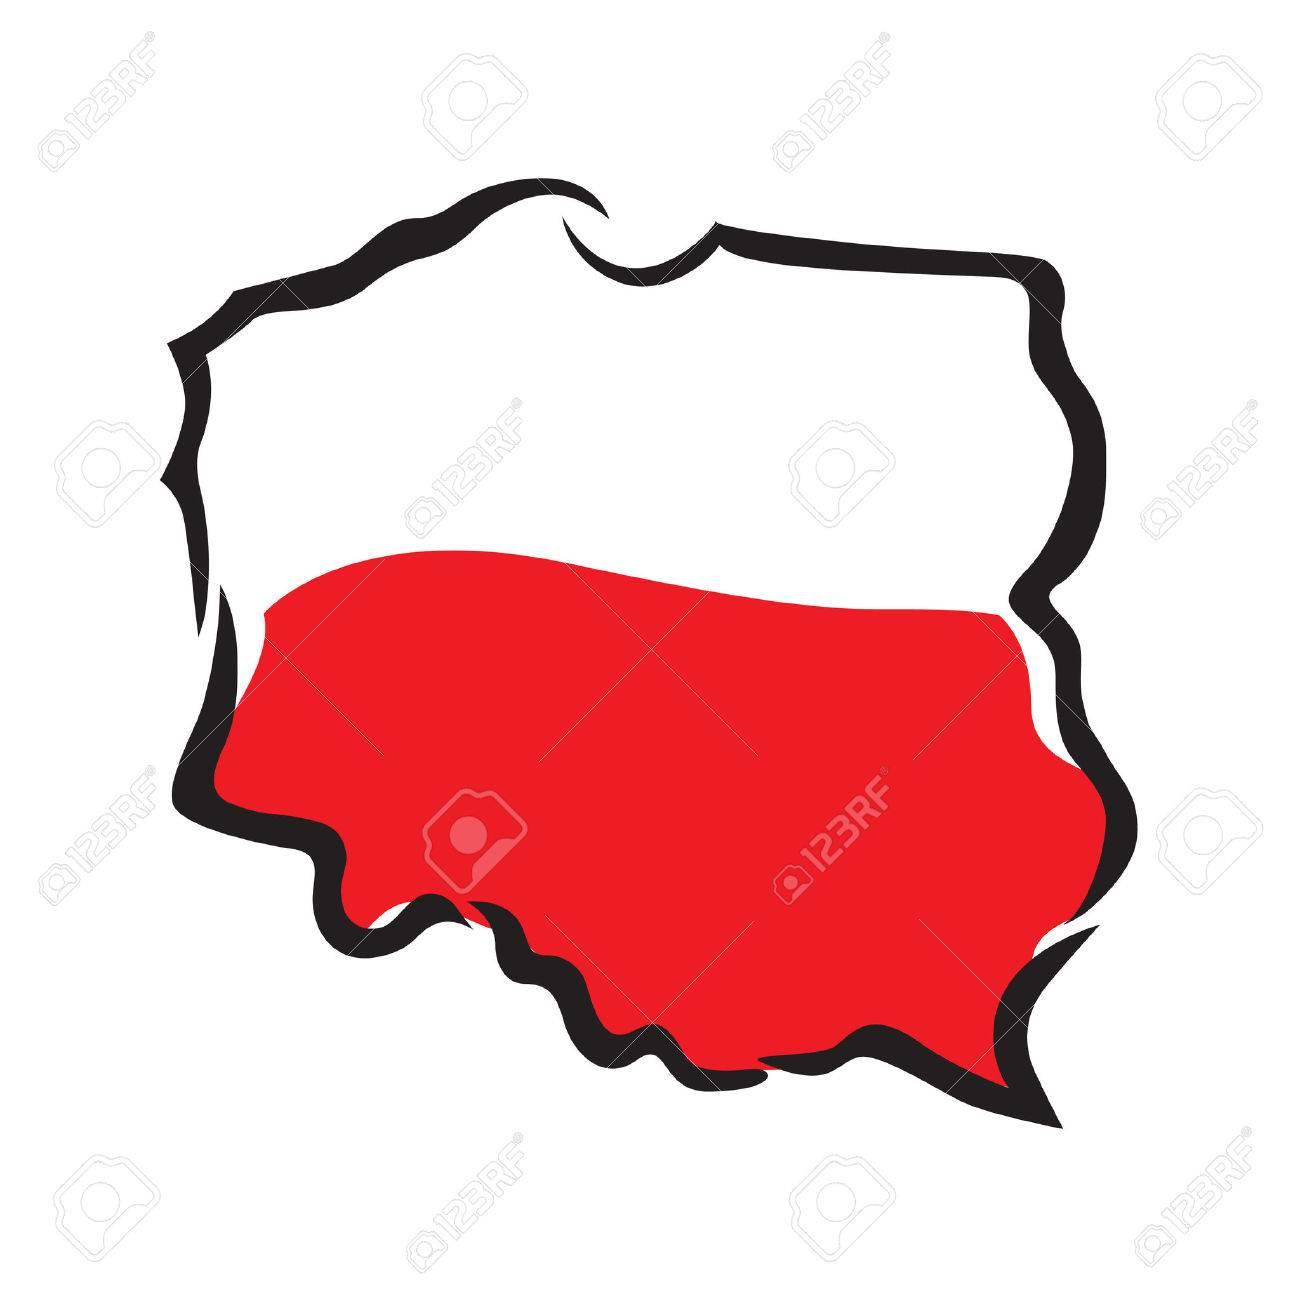 abstrait carte et le drapeau de la Pologne Banque d'images - 24797627